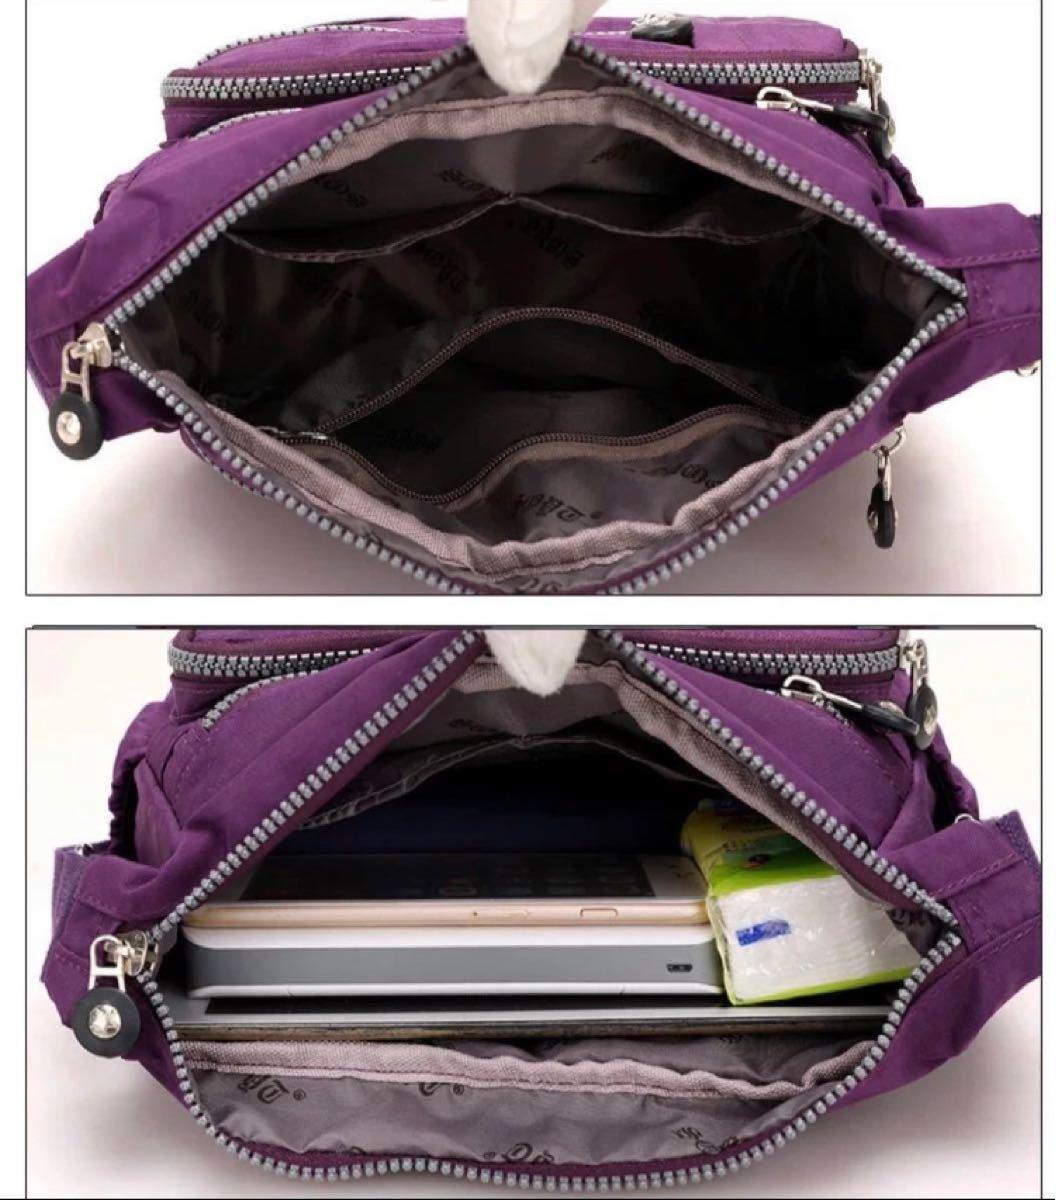 ショルダーバッグ 斜めがけ 黒 ボディーバッグ レディースバッグ iPad 斜めがけバッグ マザーズバッグ アウトドア 軽量